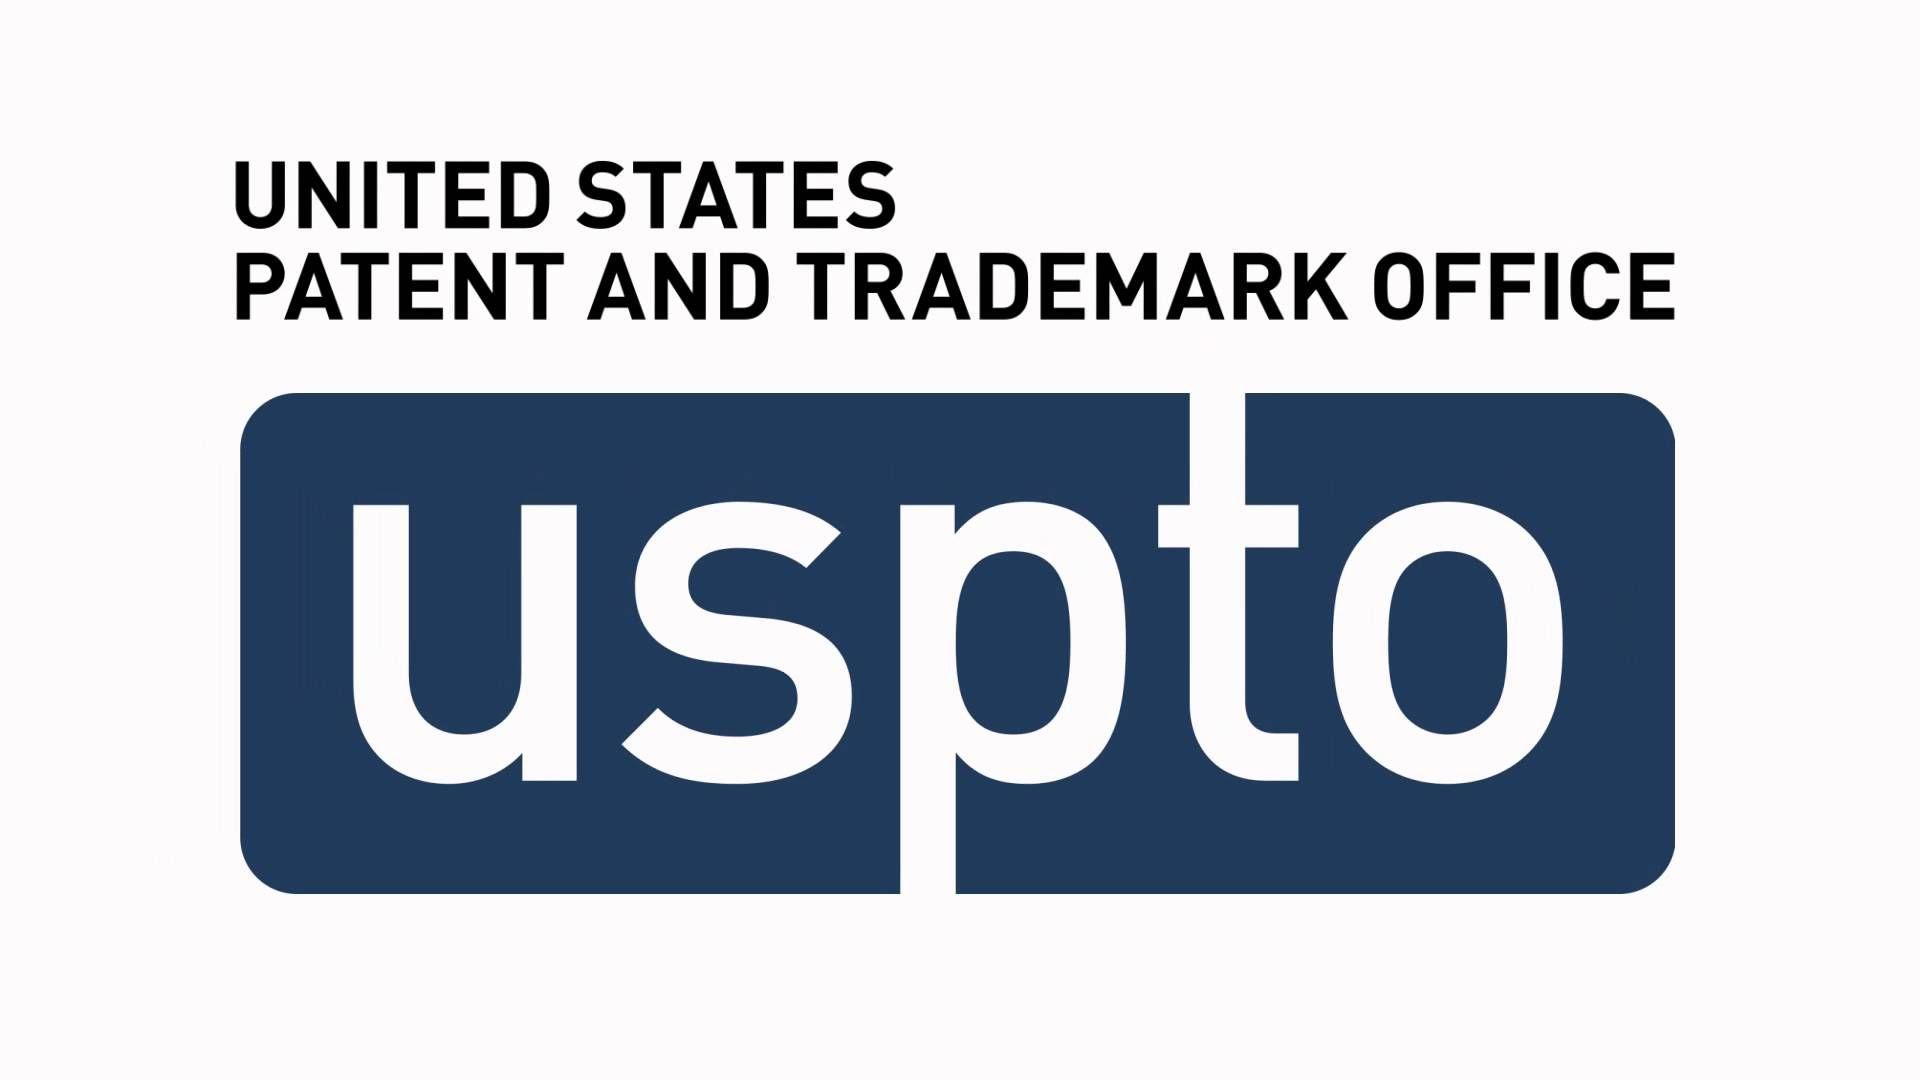 United States Patent and Trademark Office (USPTO), PTO, Alexandria (Virginia), 400 Dulany St, Alexandria, VA 22314, USA